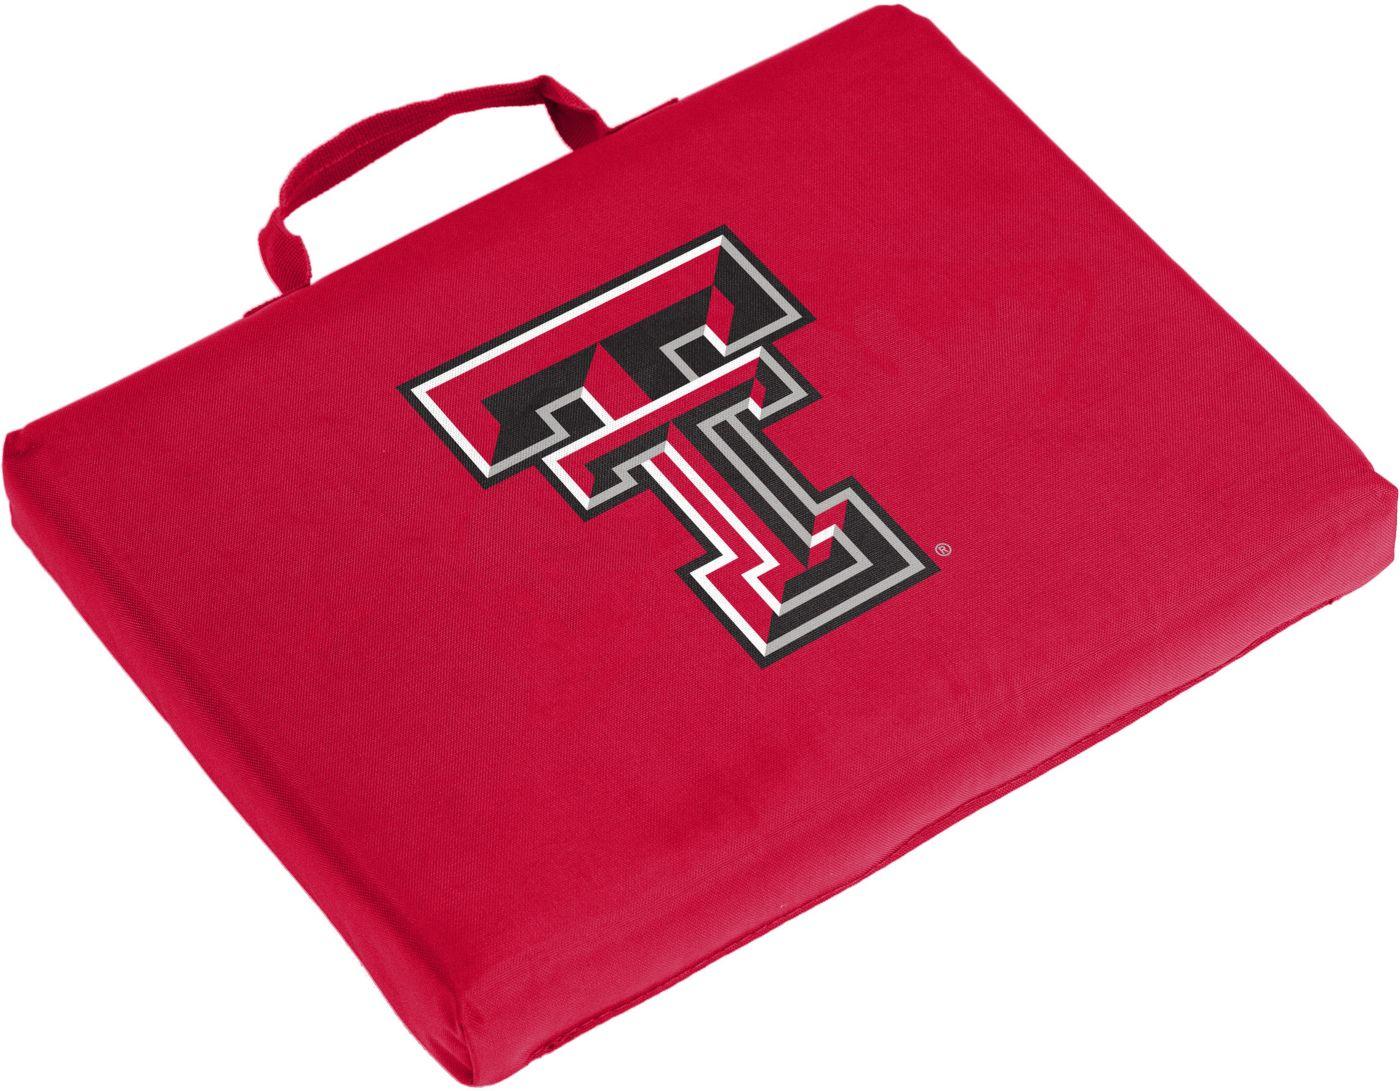 Texas Tech Red Raiders Bleacher Cushion